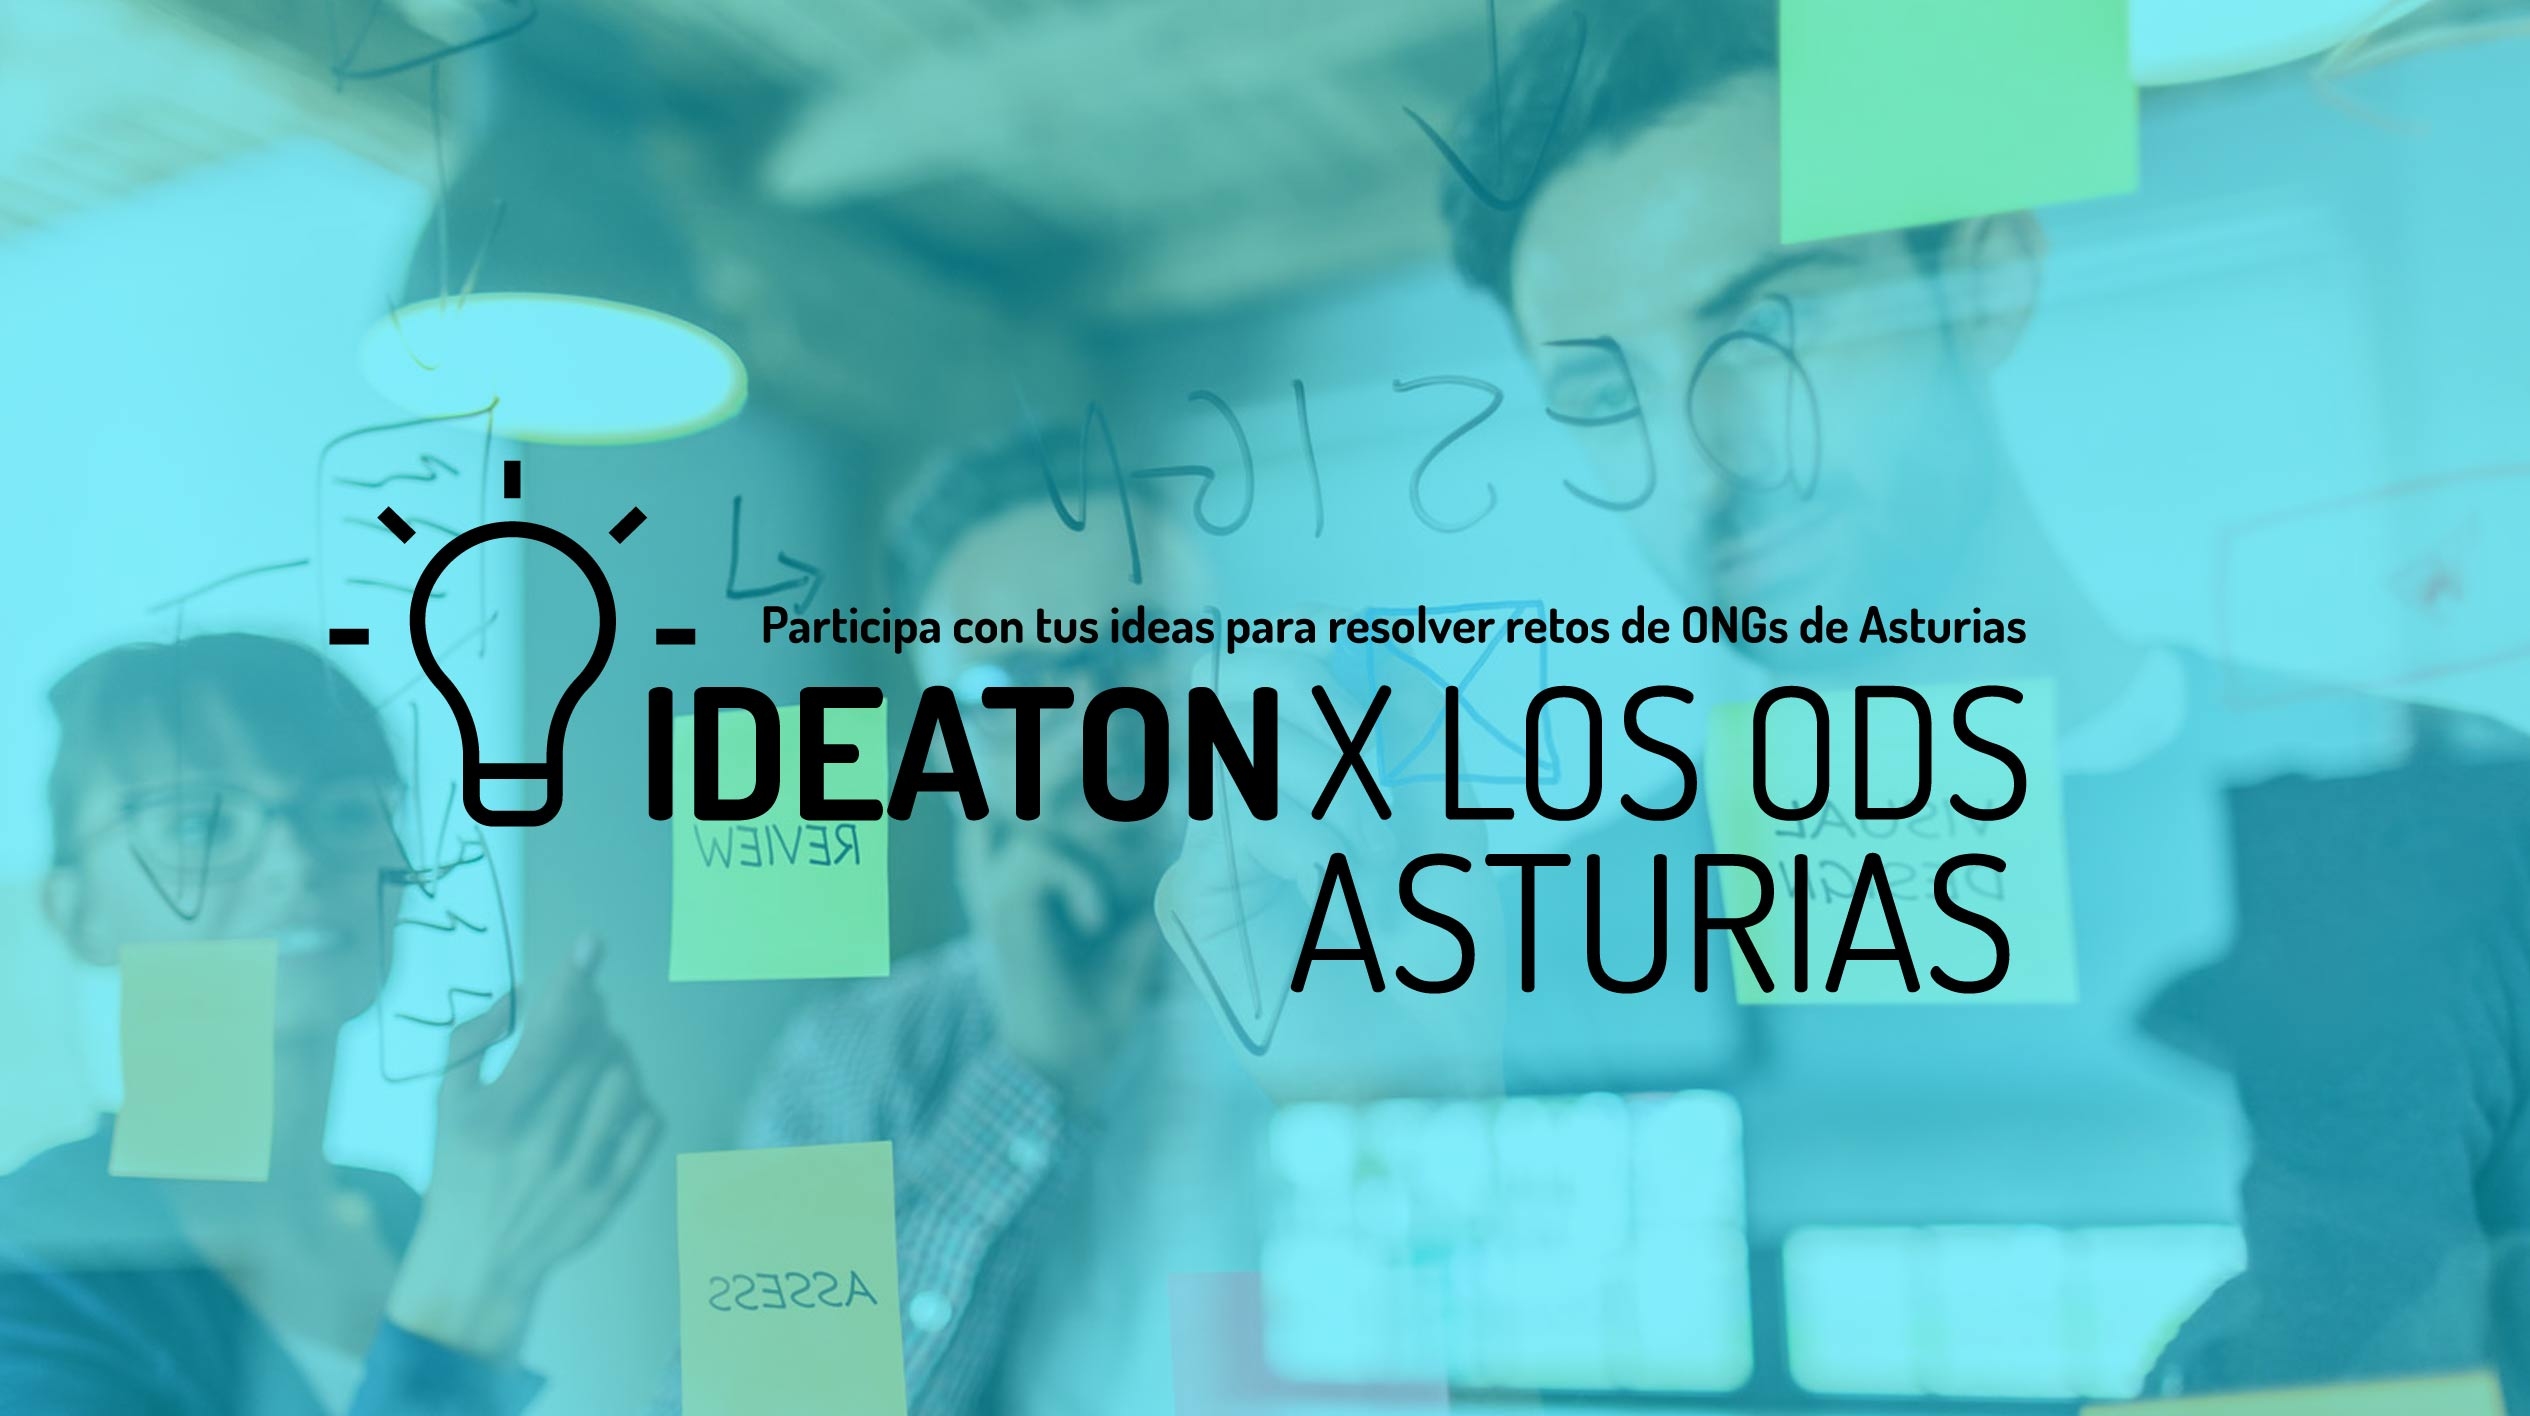 Ideaton por los ODS: participa con tus ideas para resolver los retos de las ONGs de Asturias